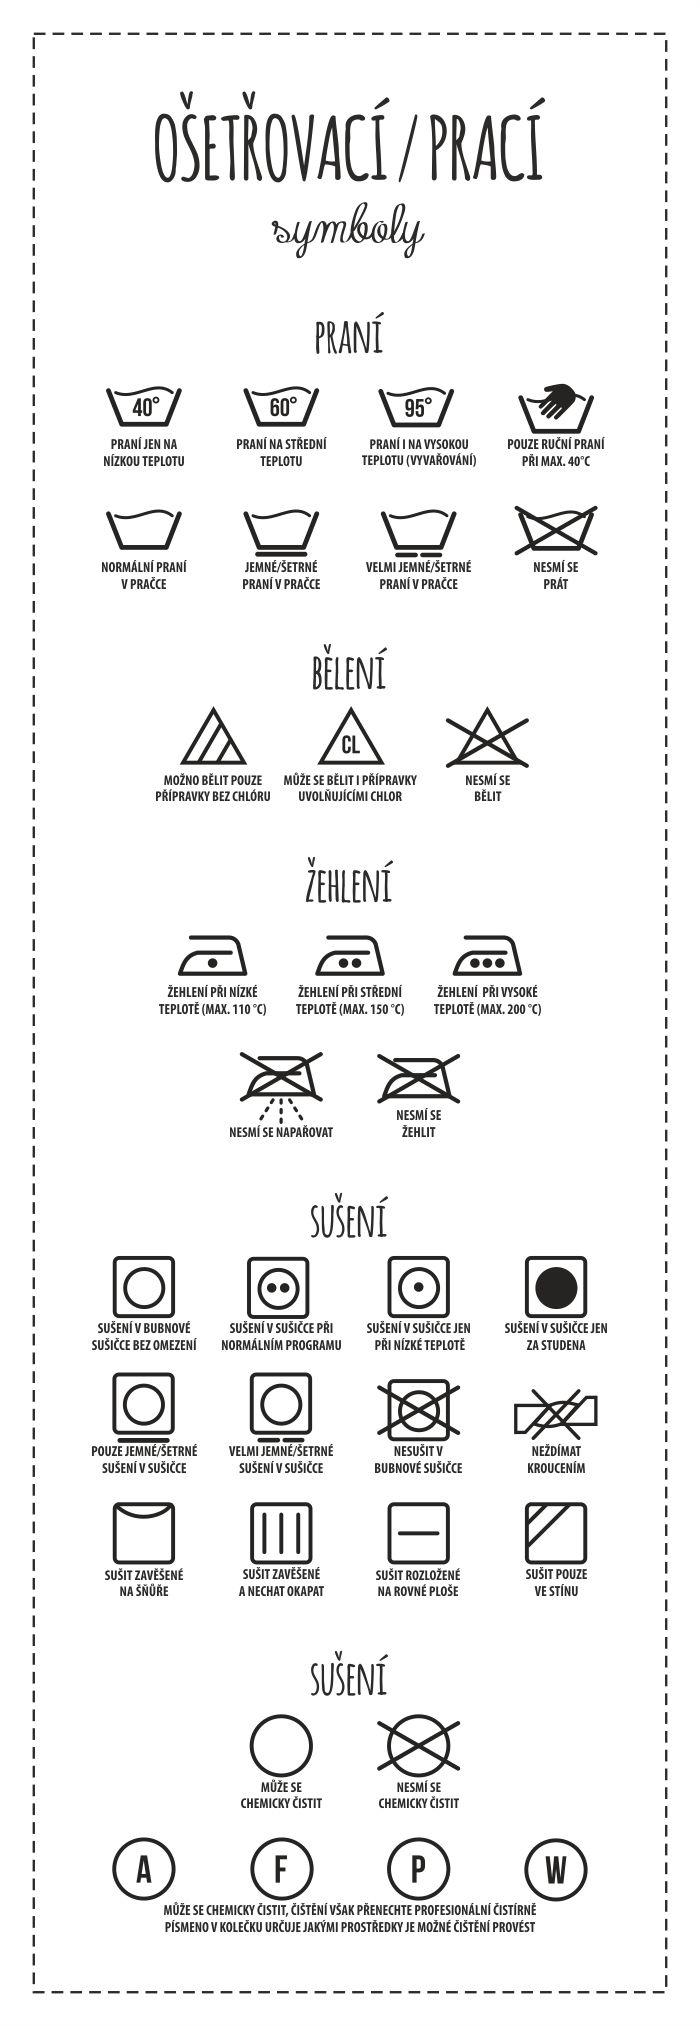 Ošetřovací/prací symboly vysvětlení